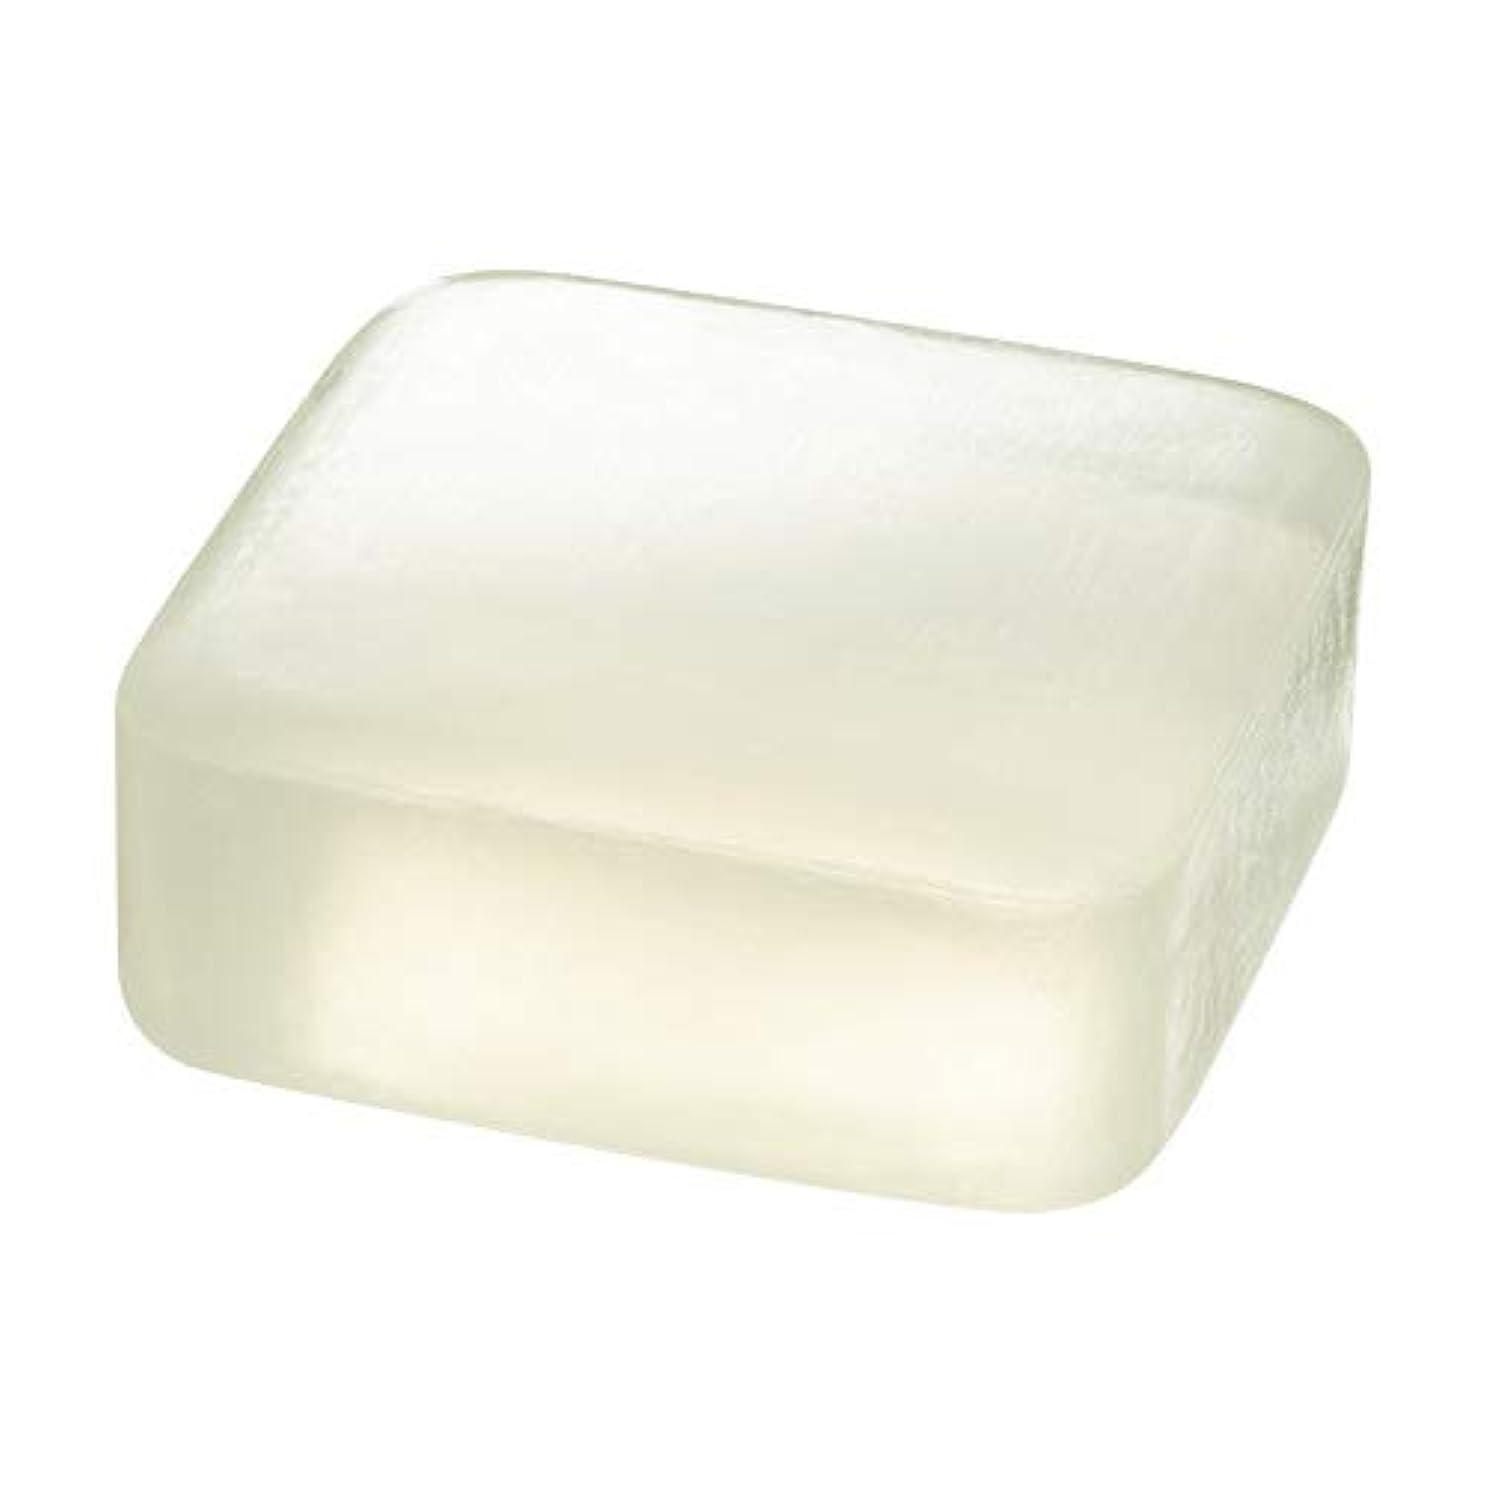 解き明かす漏斗フランクワースリーETVOS(エトヴォス) 洗顔せっけん クリアソープバー 80g 透明枠練り石鹸 セラミド 濃密泡 毛穴汚れ/黒ずみ